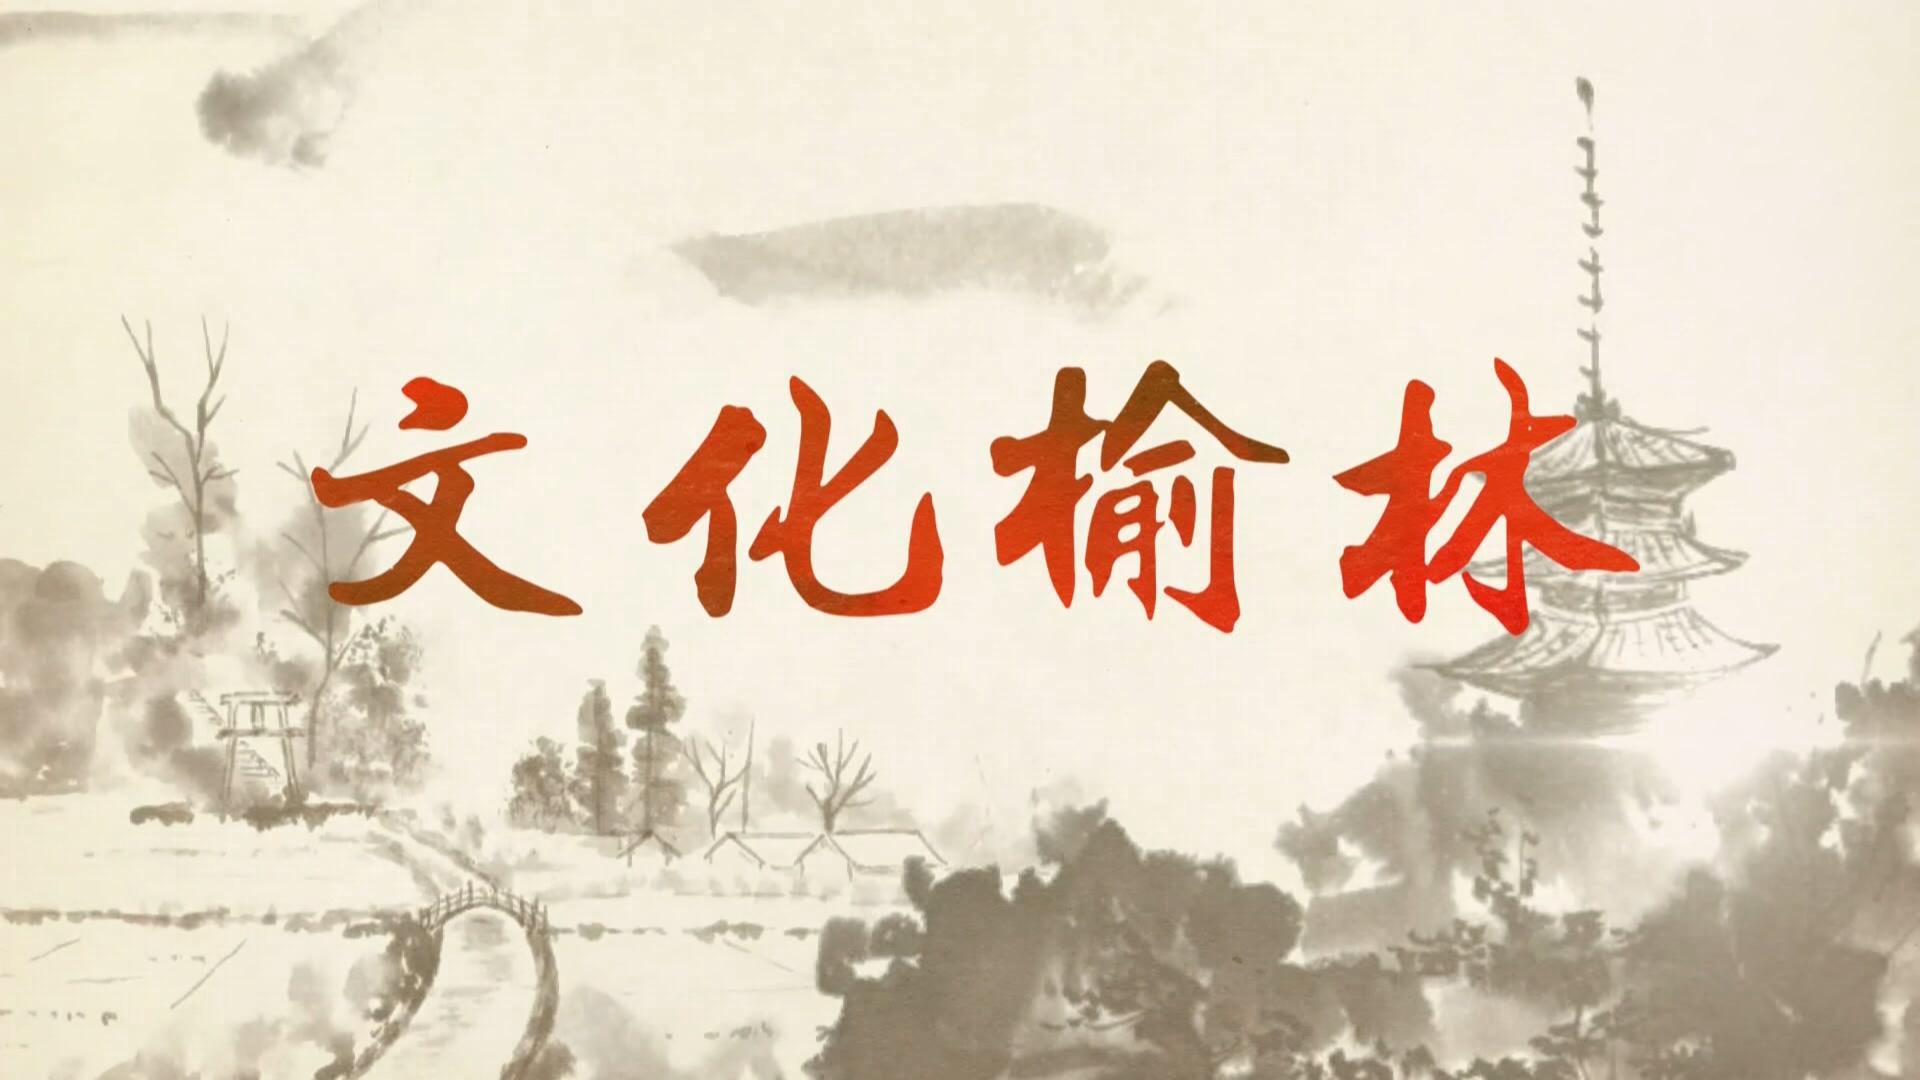 【文化榆林】守住文化根脉 剪出别样味道——剪纸新秀李金东 2018-09-01